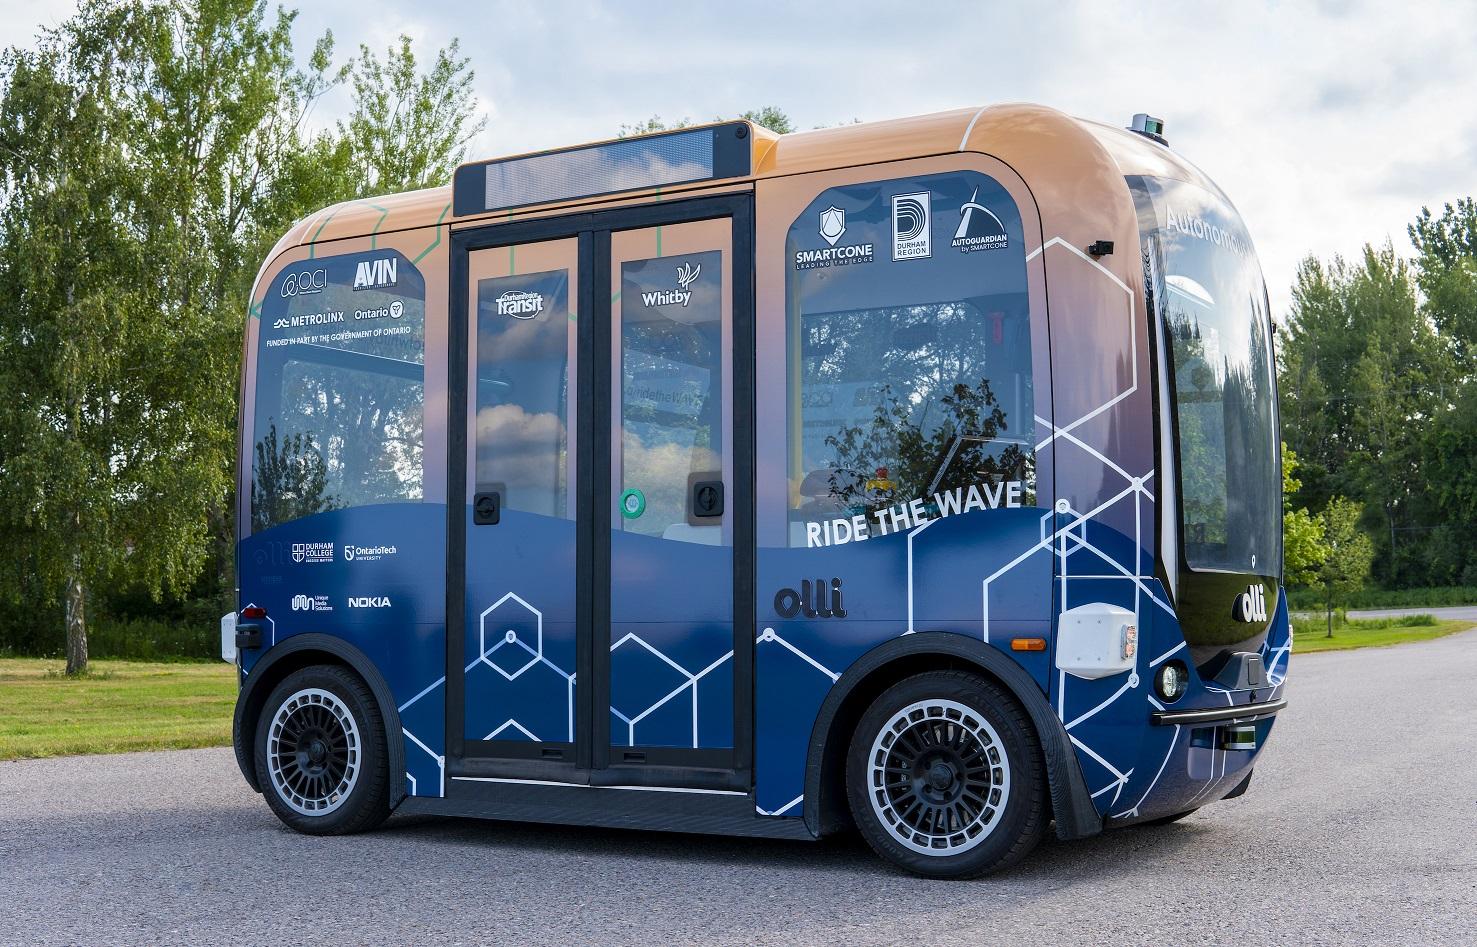 Whitby Autonomous Vehicle Electric Shuttle - Local Motors Olli 1.0